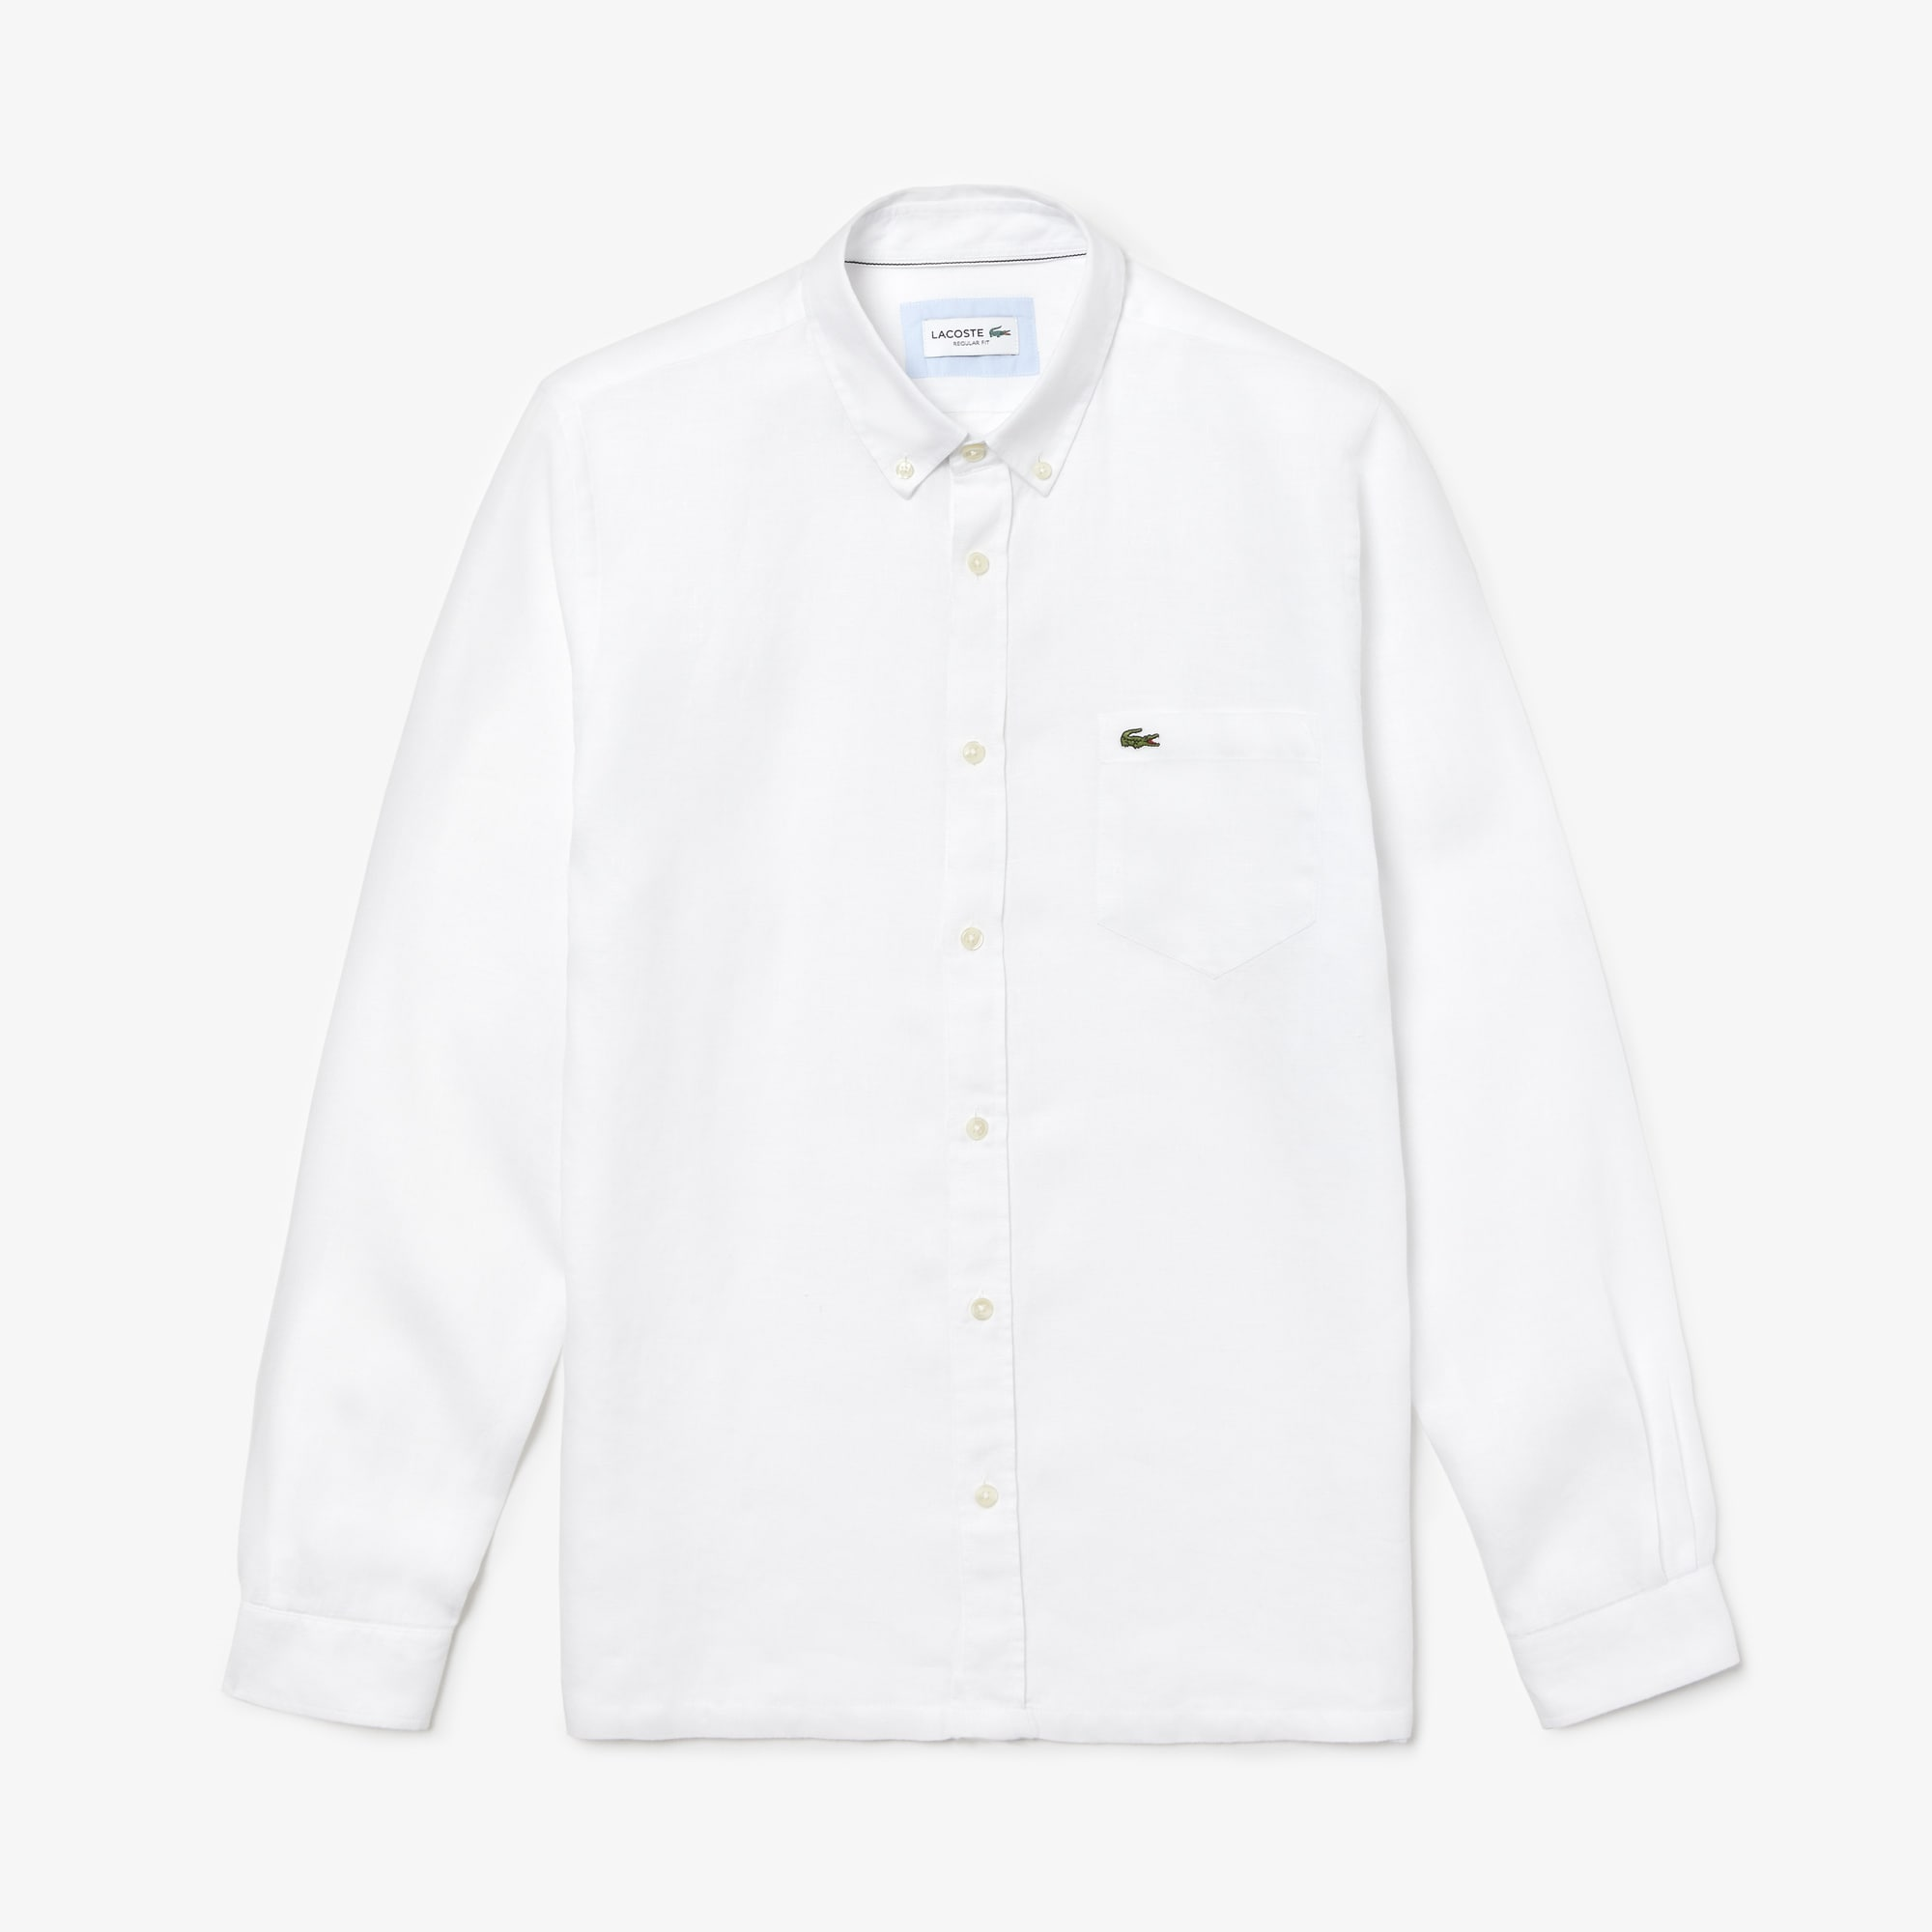 57a6f2da Men's Regular Fit Linen Shirt